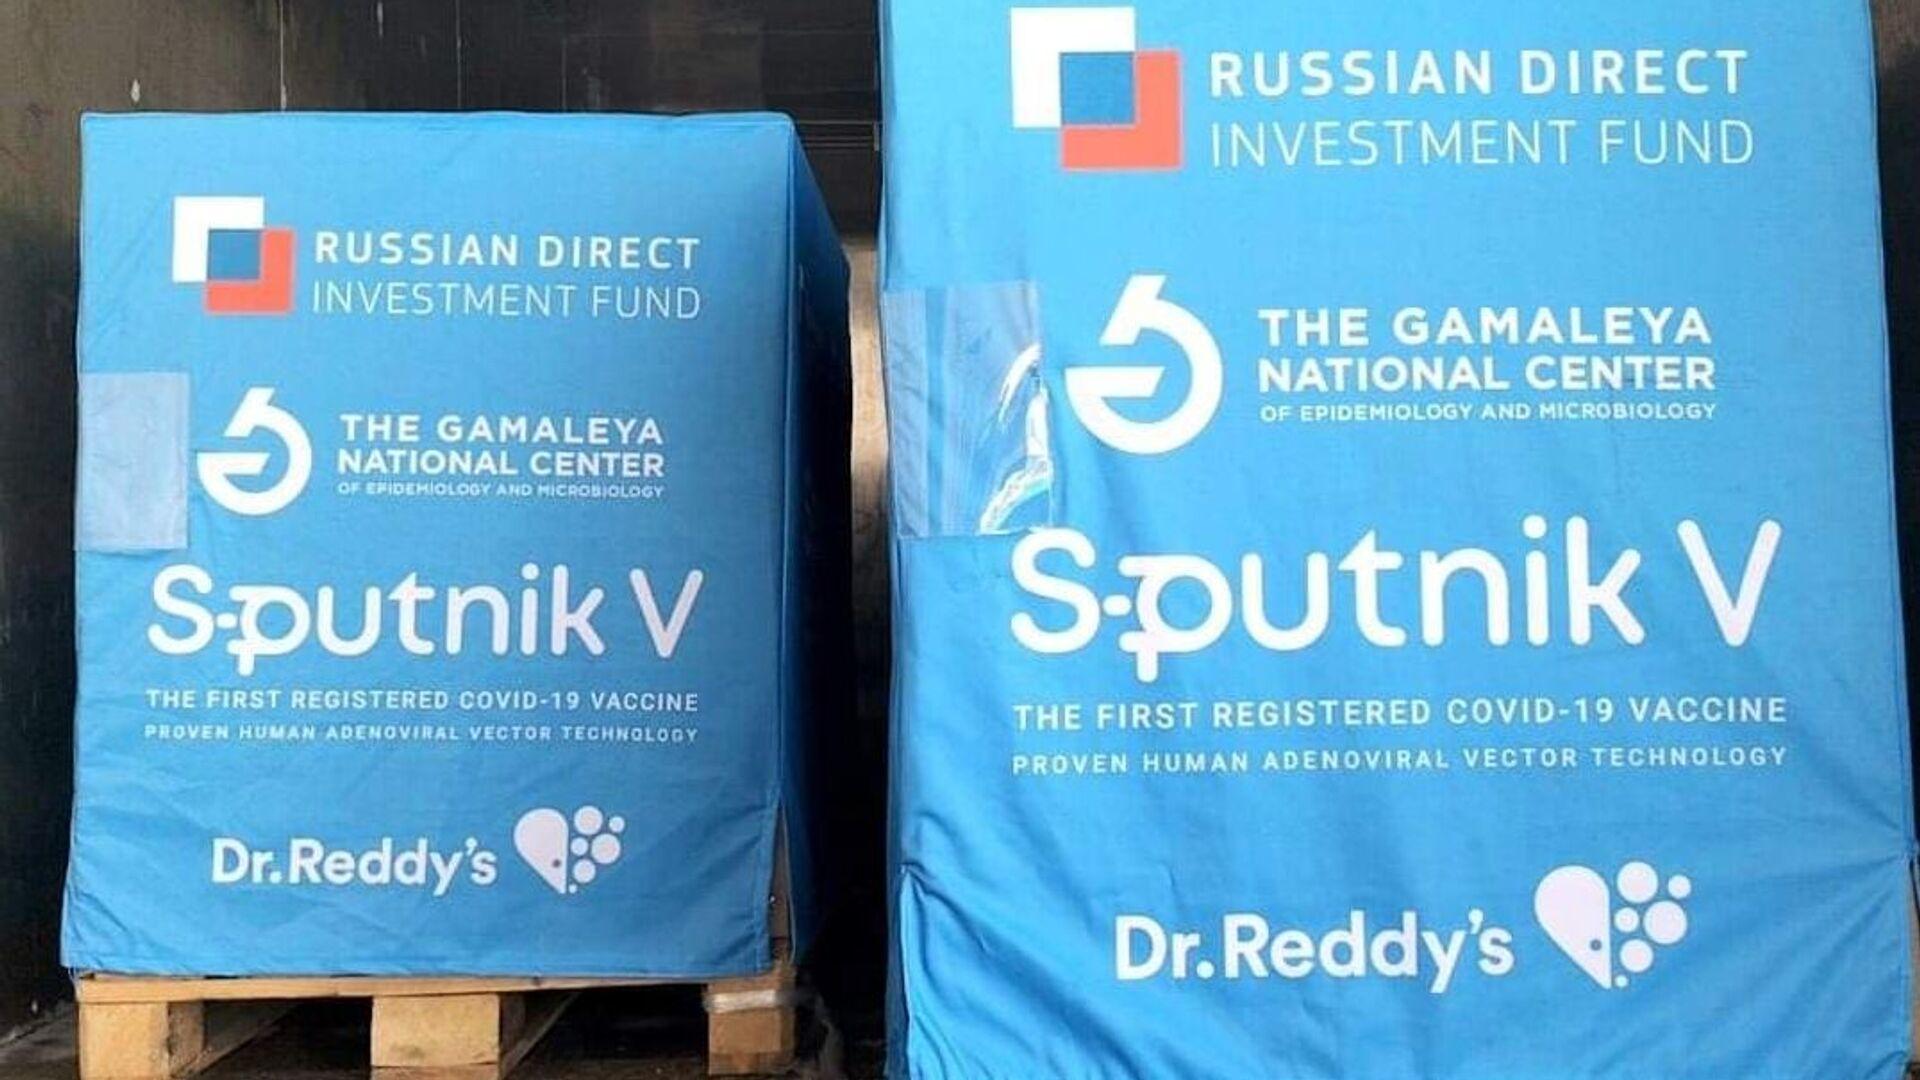 Hindistan Rusya koronavirüs aşısı Sputnik - Sputnik Türkiye, 1920, 13.09.2021